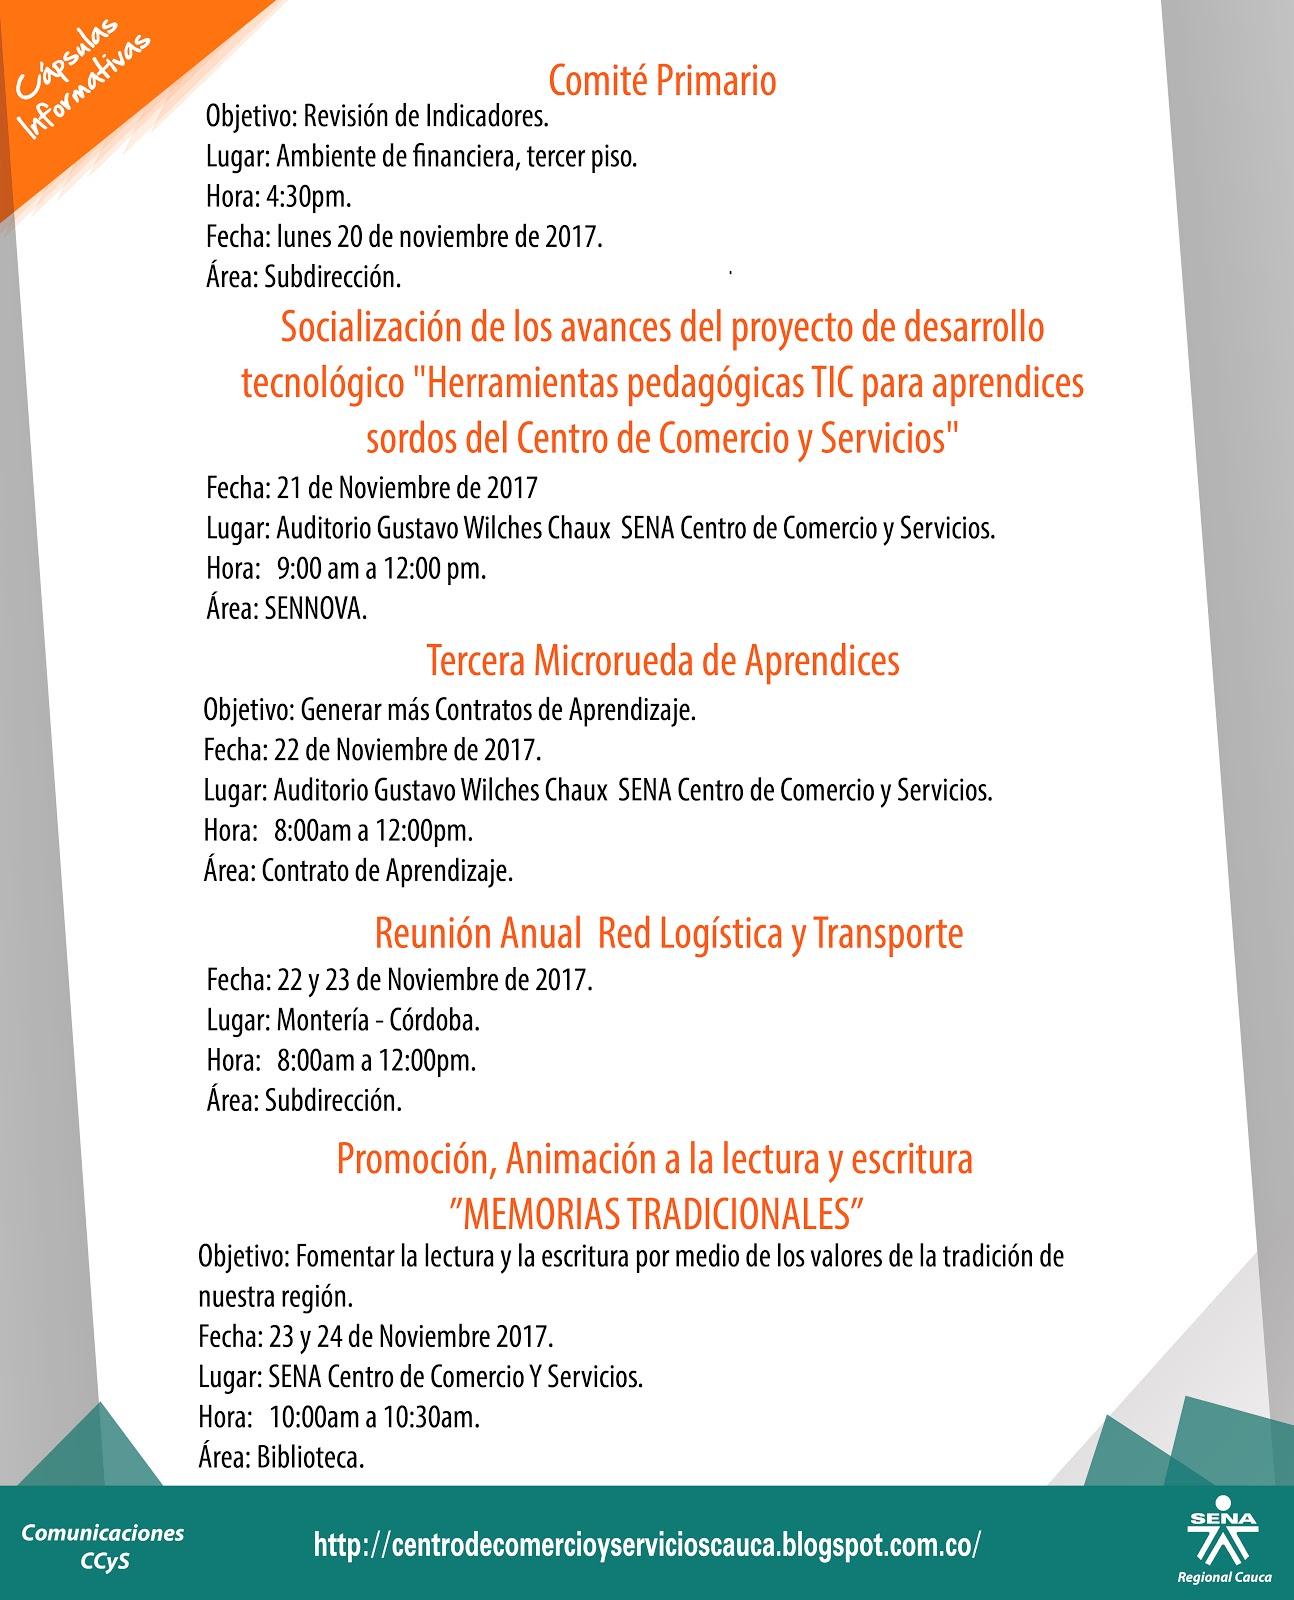 Centro de Comercio y Servicios SENA Regional Cauca: Cápsulas ...